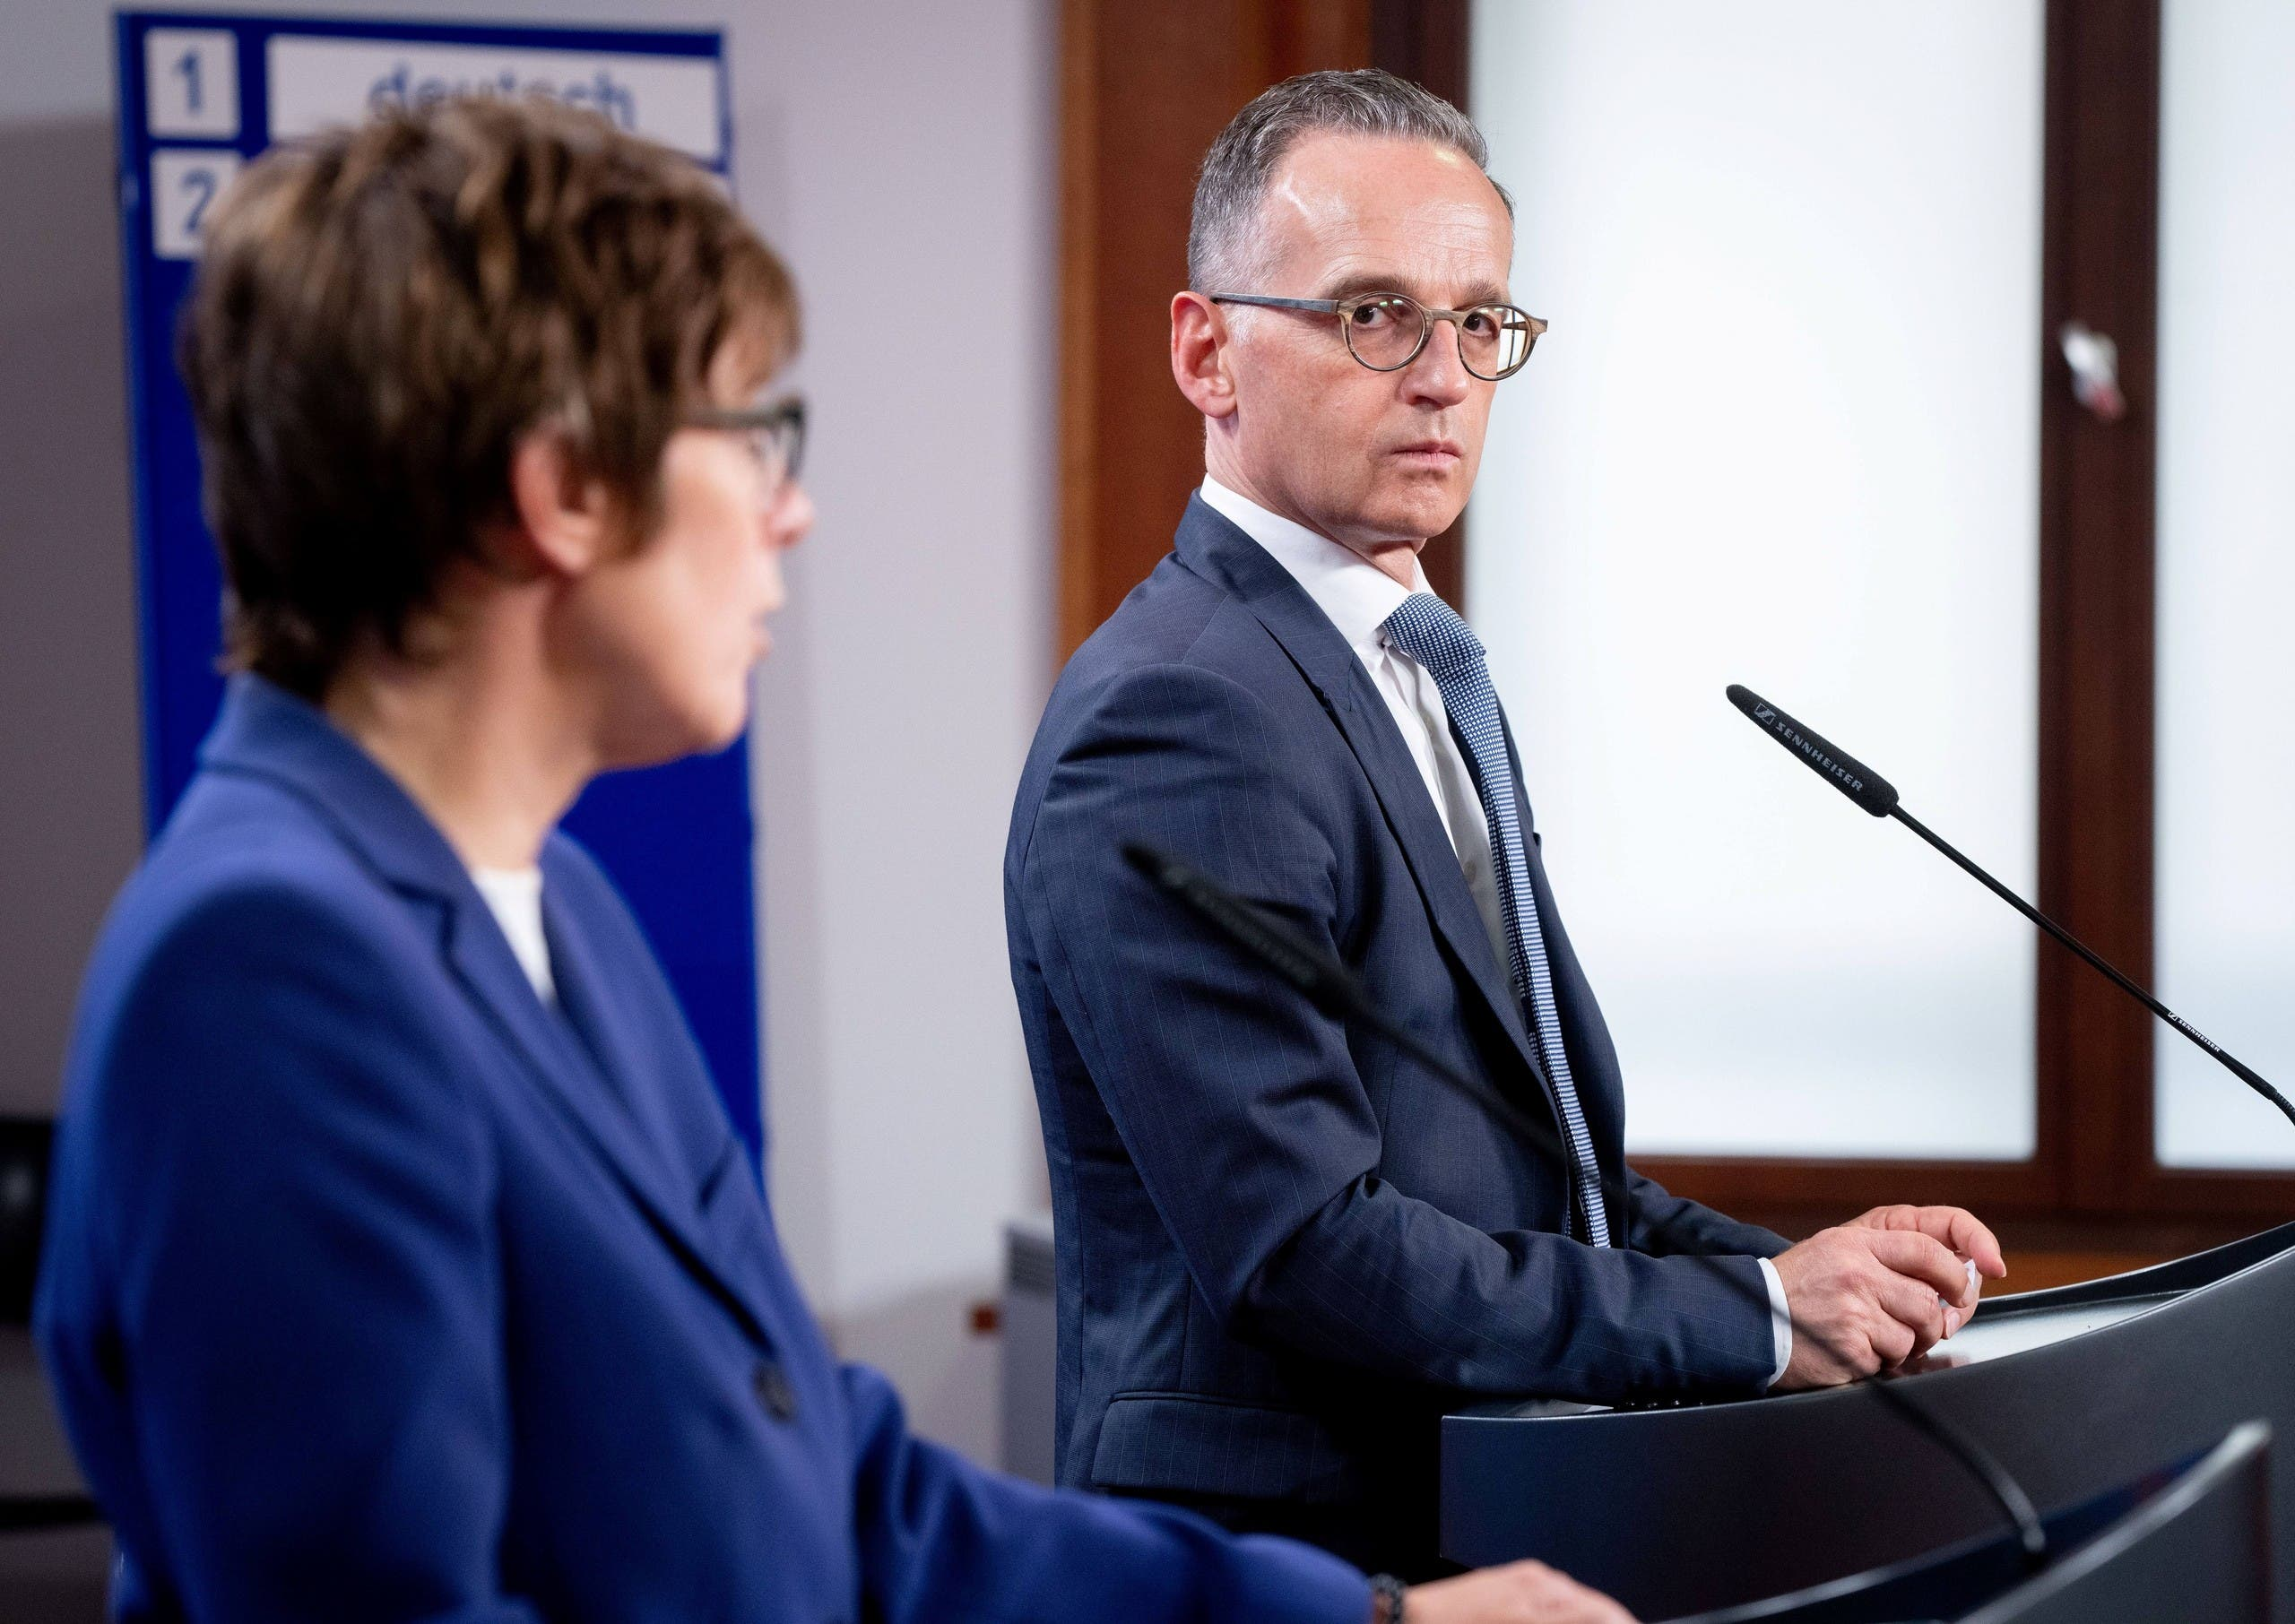 وزير الخارجية الألماني هايكو  في مؤتمر صحفي اليوم مع وزيرة الدفاع الألمانية